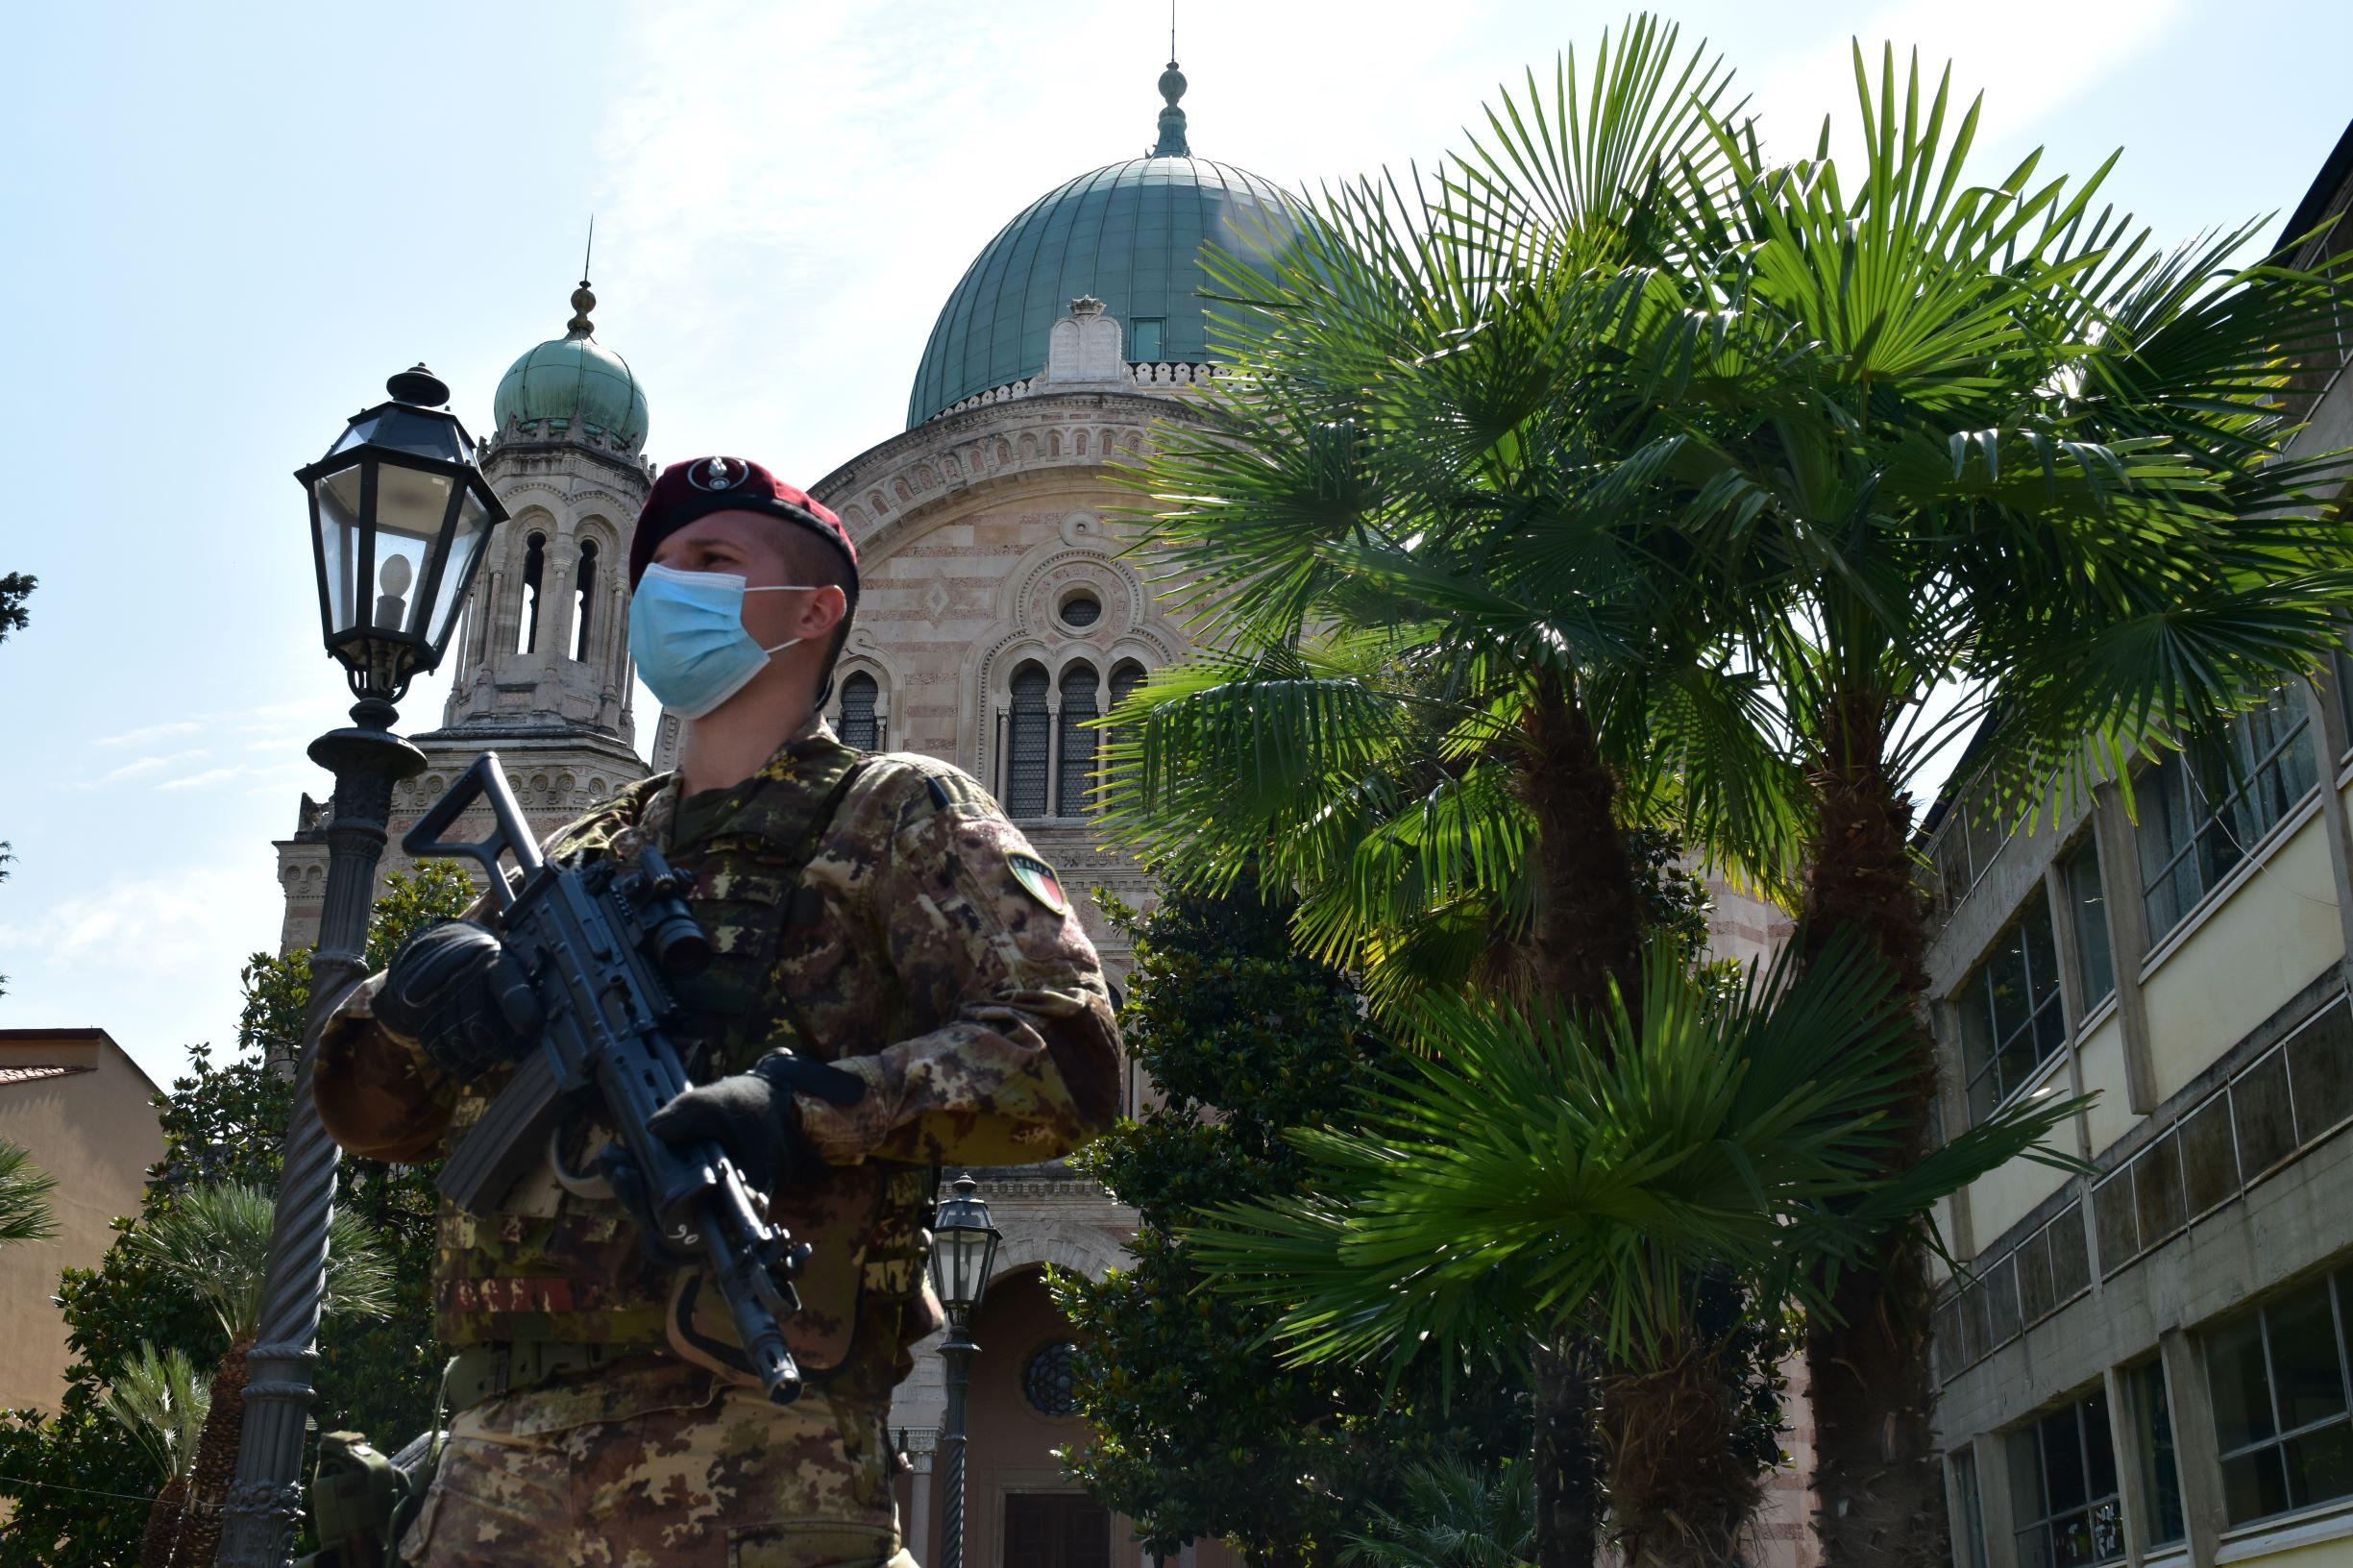 Operazione Strade Sicure. Militare della Brigata Folgore in servizio presso la Sinagoga di Firenze